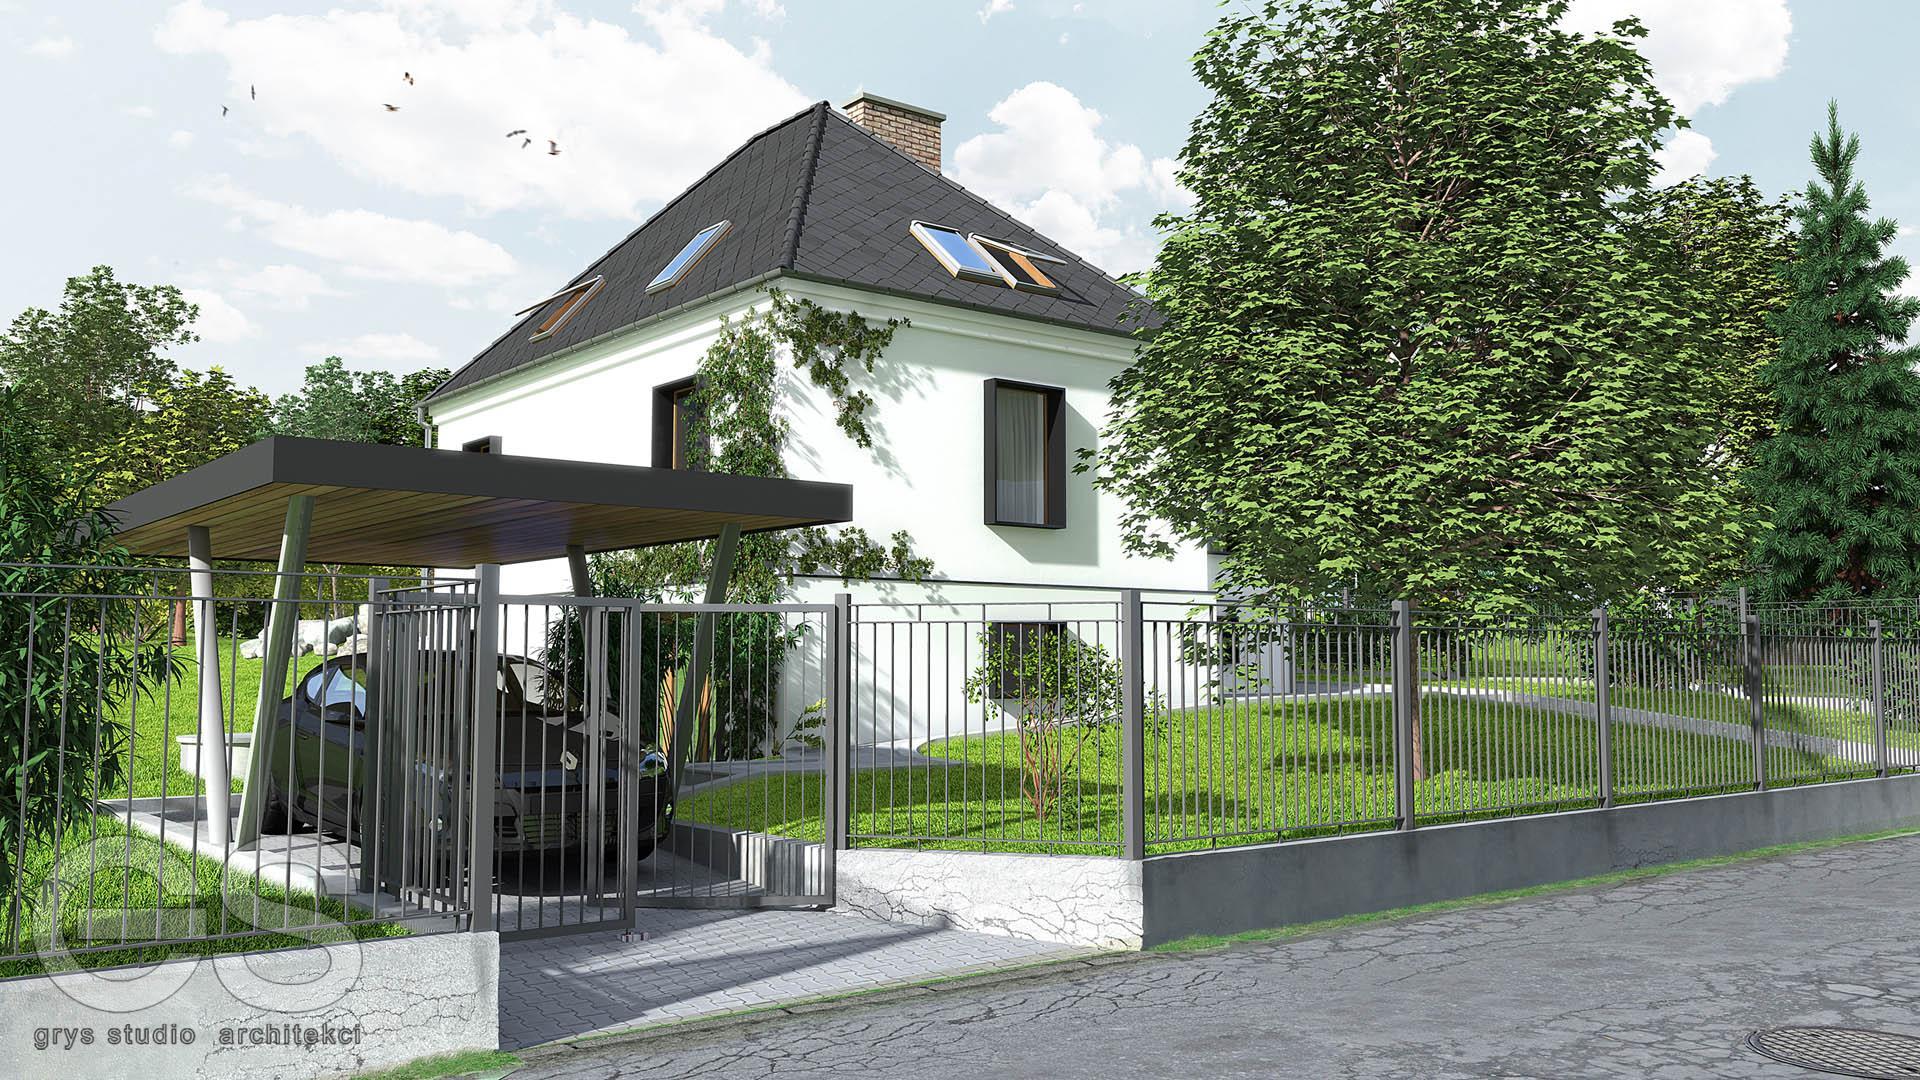 przebudowa remont remodeling domu jednorodzinnego w bielsku białej, projekt budowalny, projekt wykonawczy